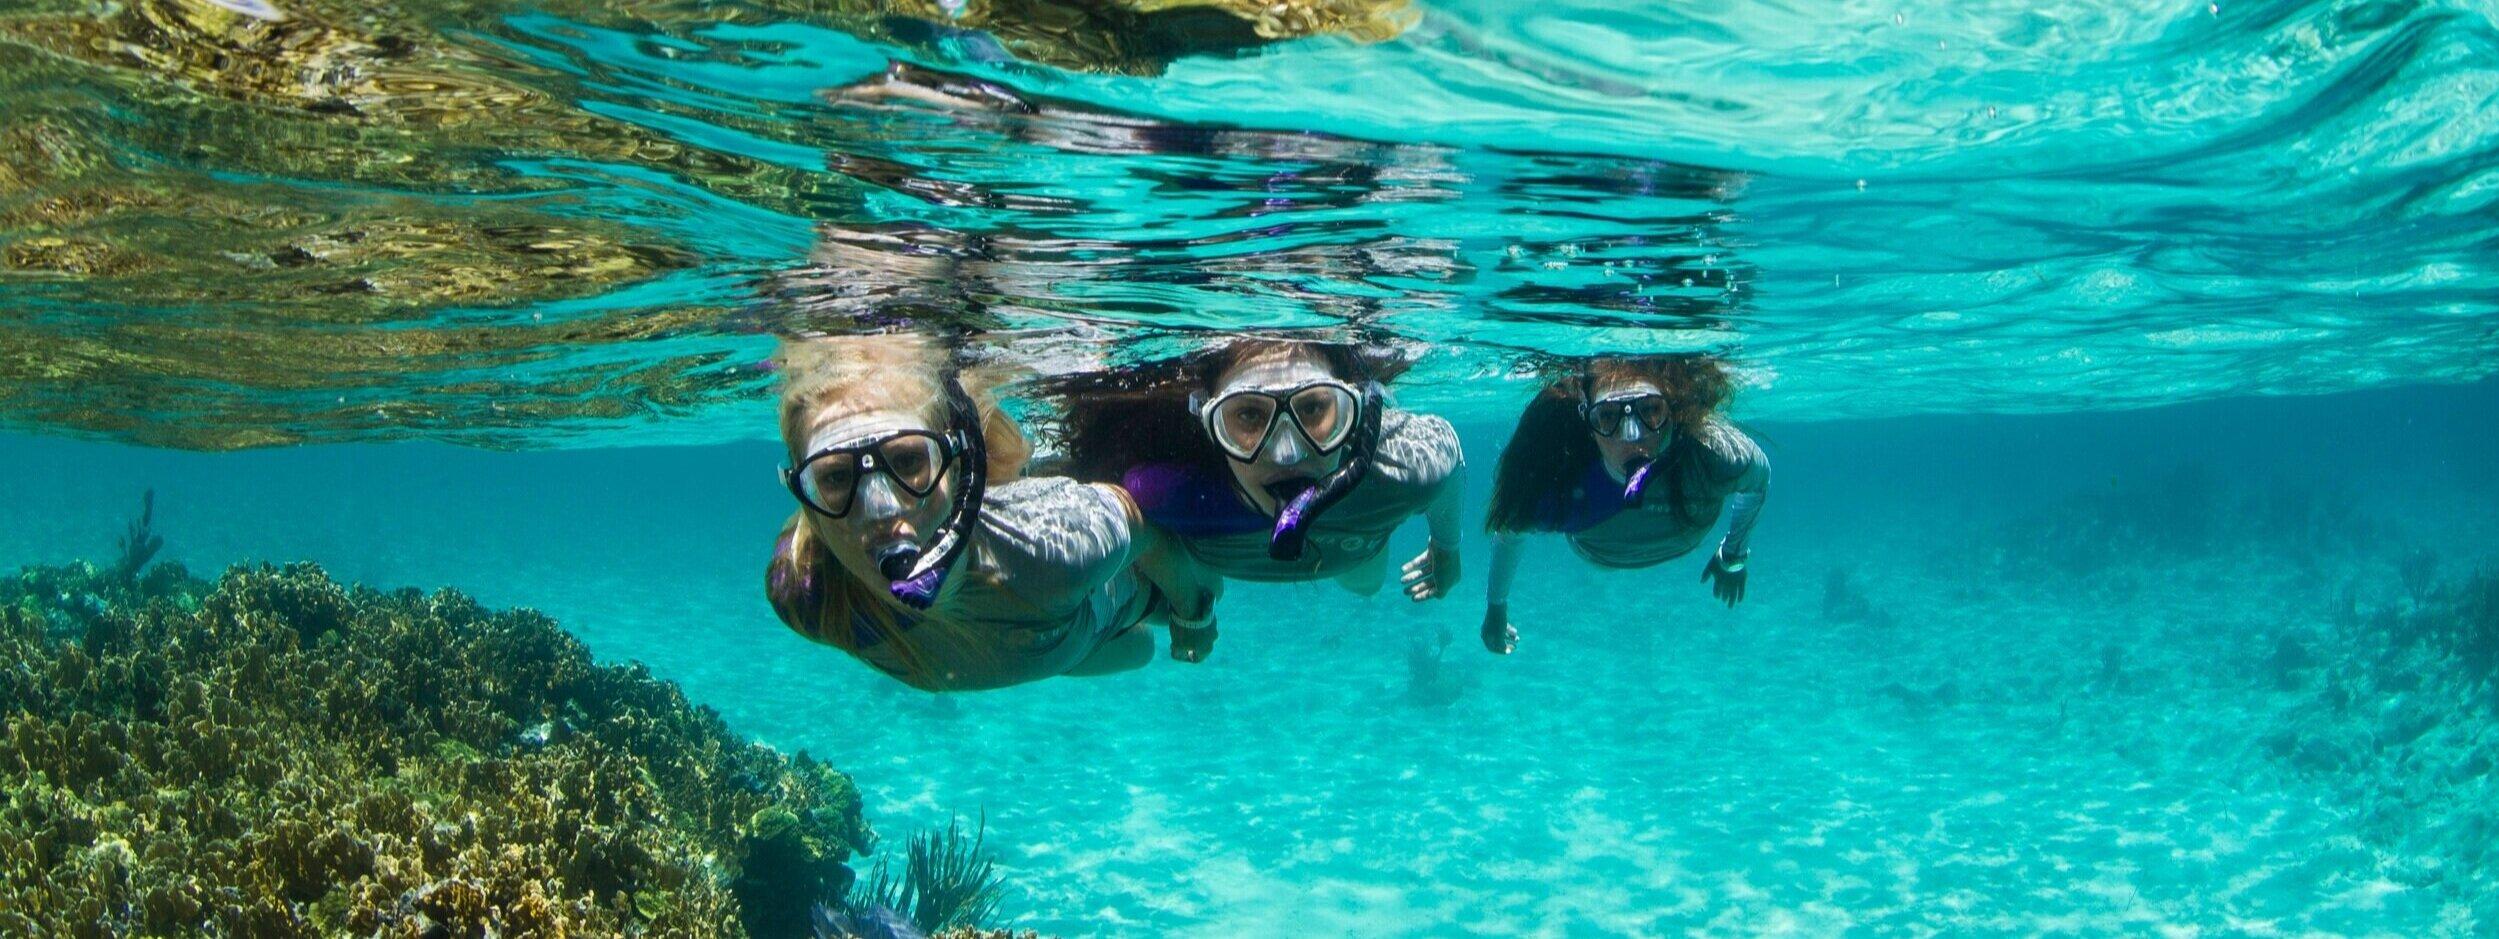 Guide to Choosing Snorkeling Equipment — Rowand's Reef Scuba Shop